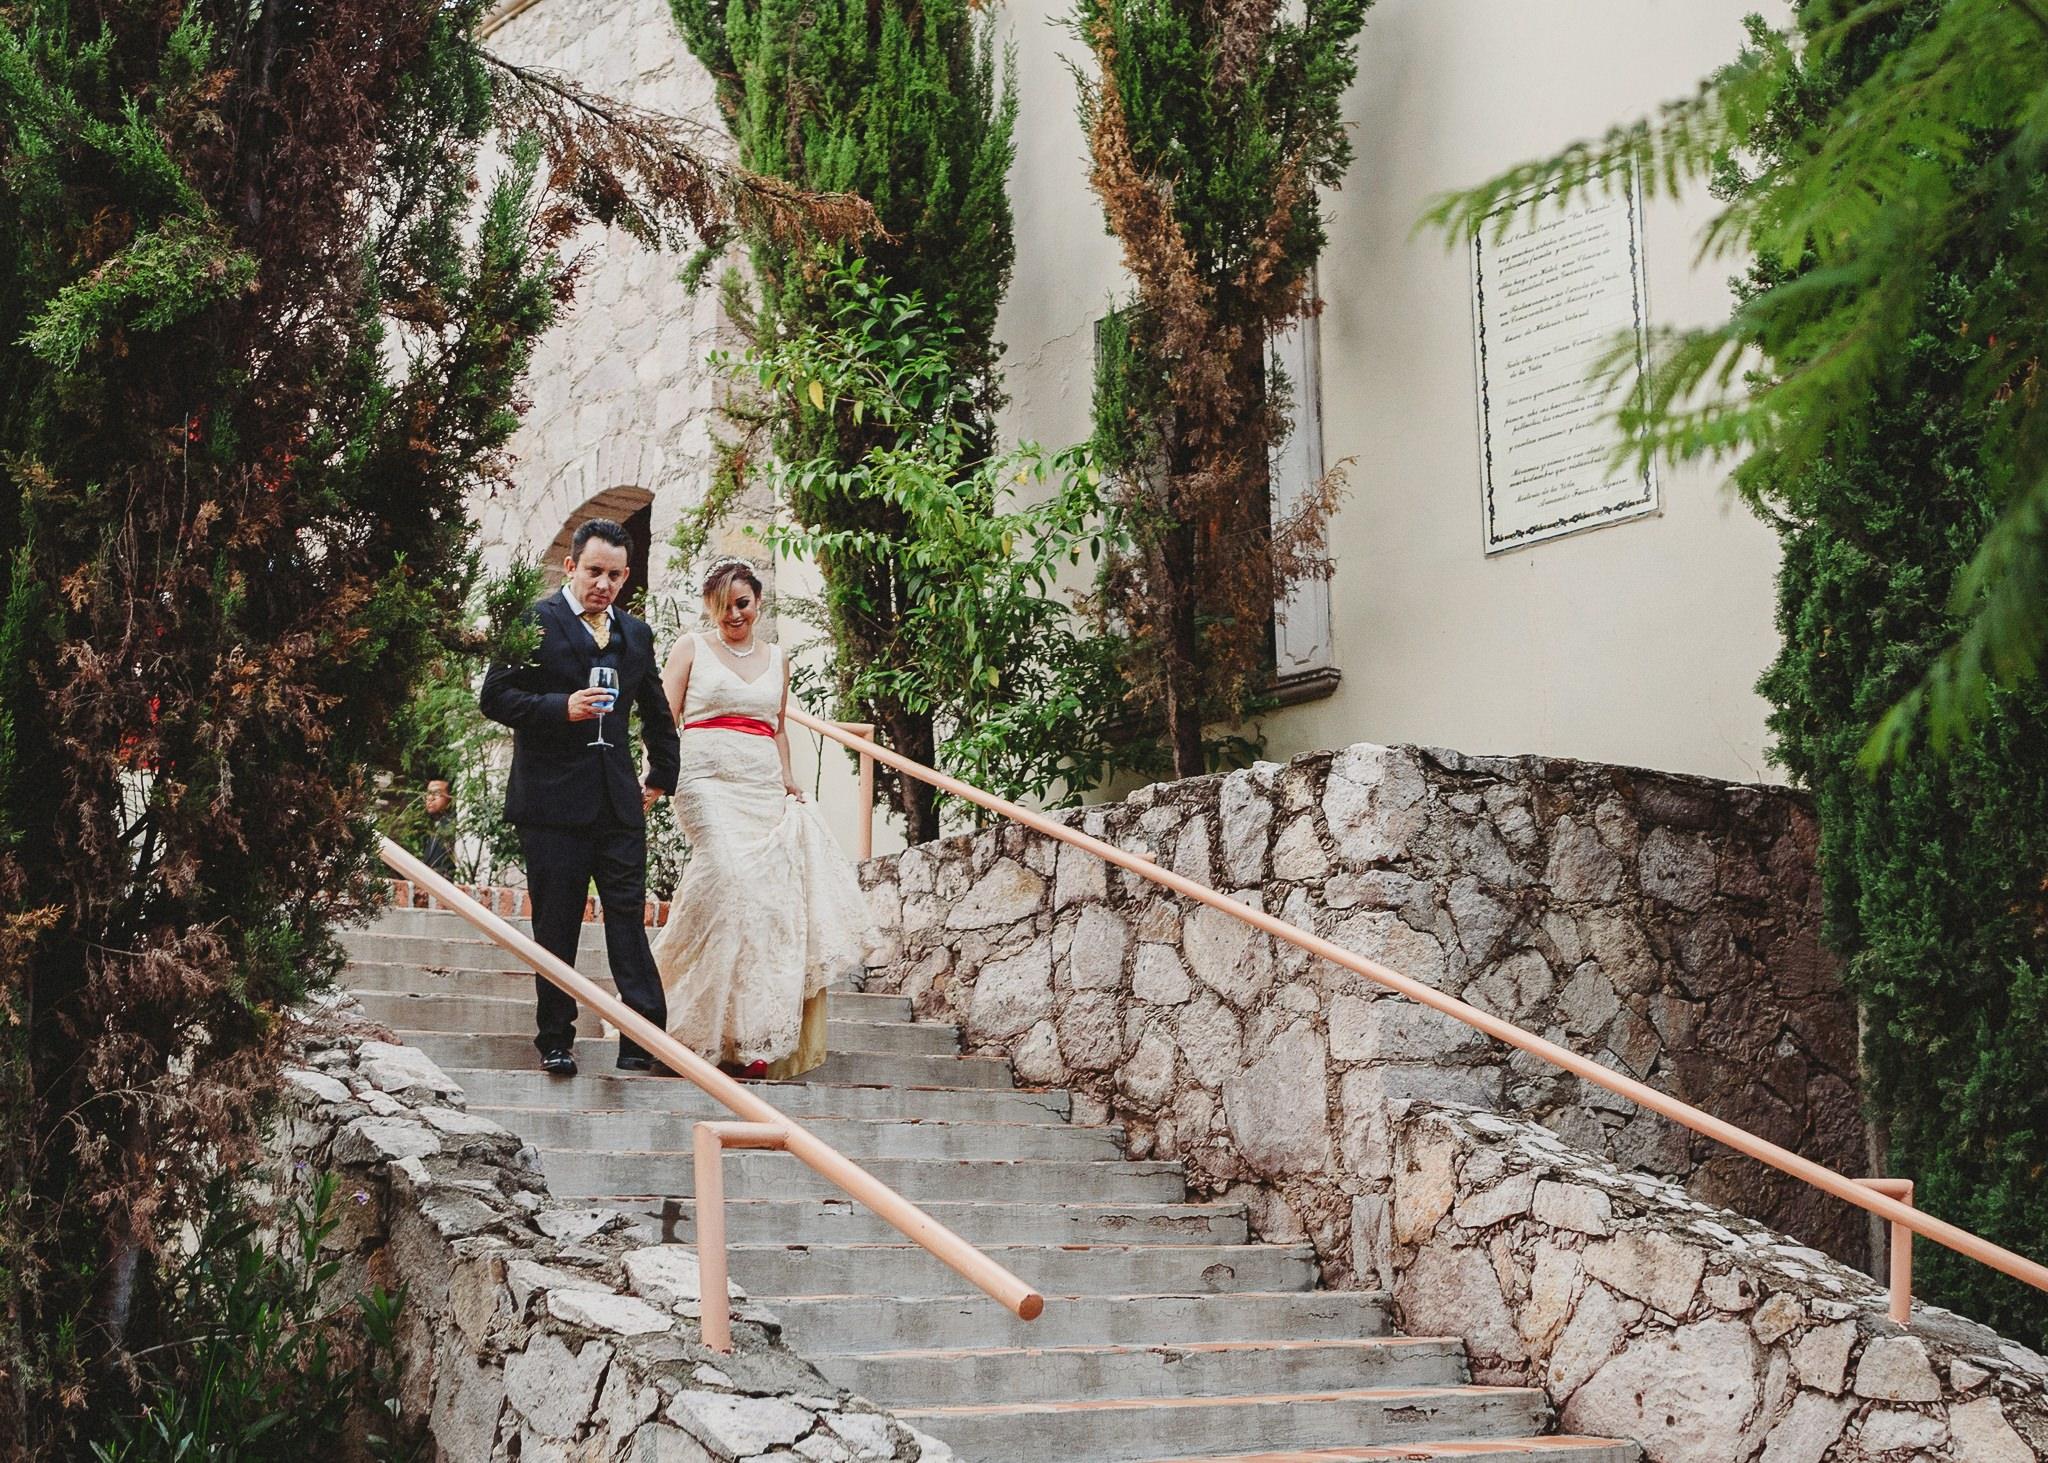 03boda-en-jardin-wedding-hacienda-los-cuartos-fotografo-luis-houdin103